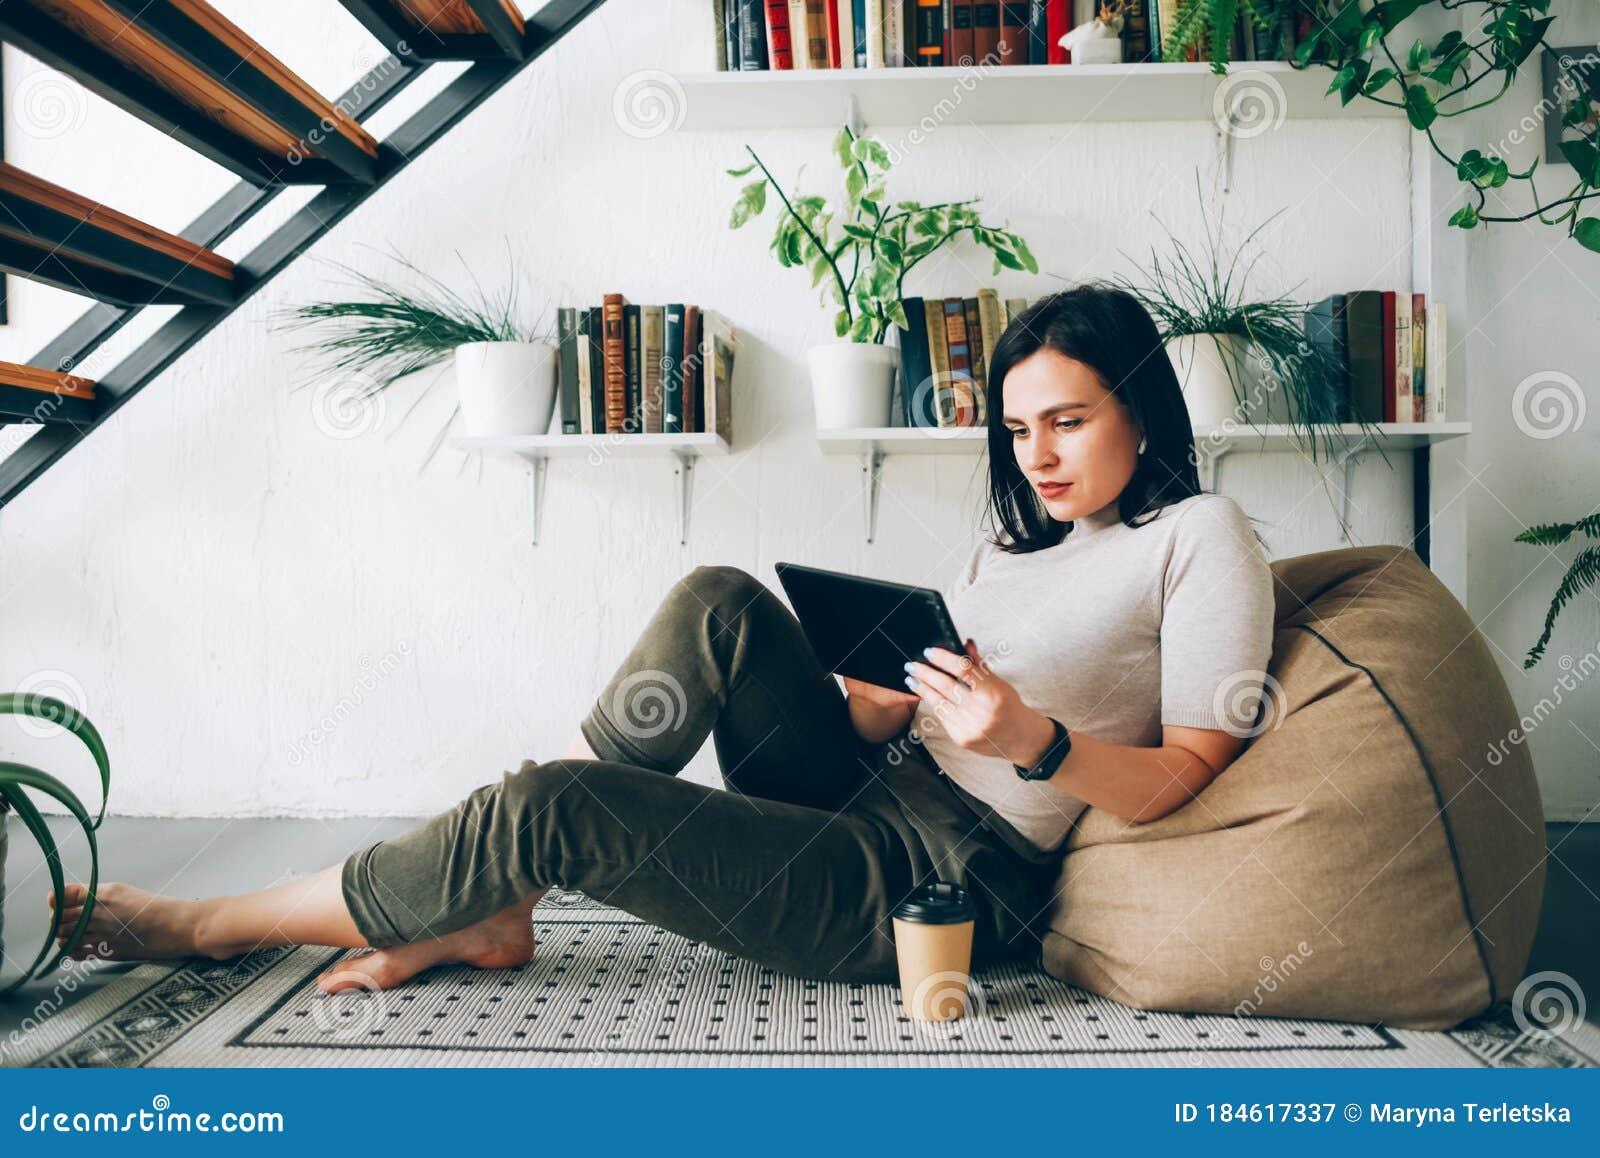 Работа в интернете для девушек с камерой веб девушка модель casablanca кто она